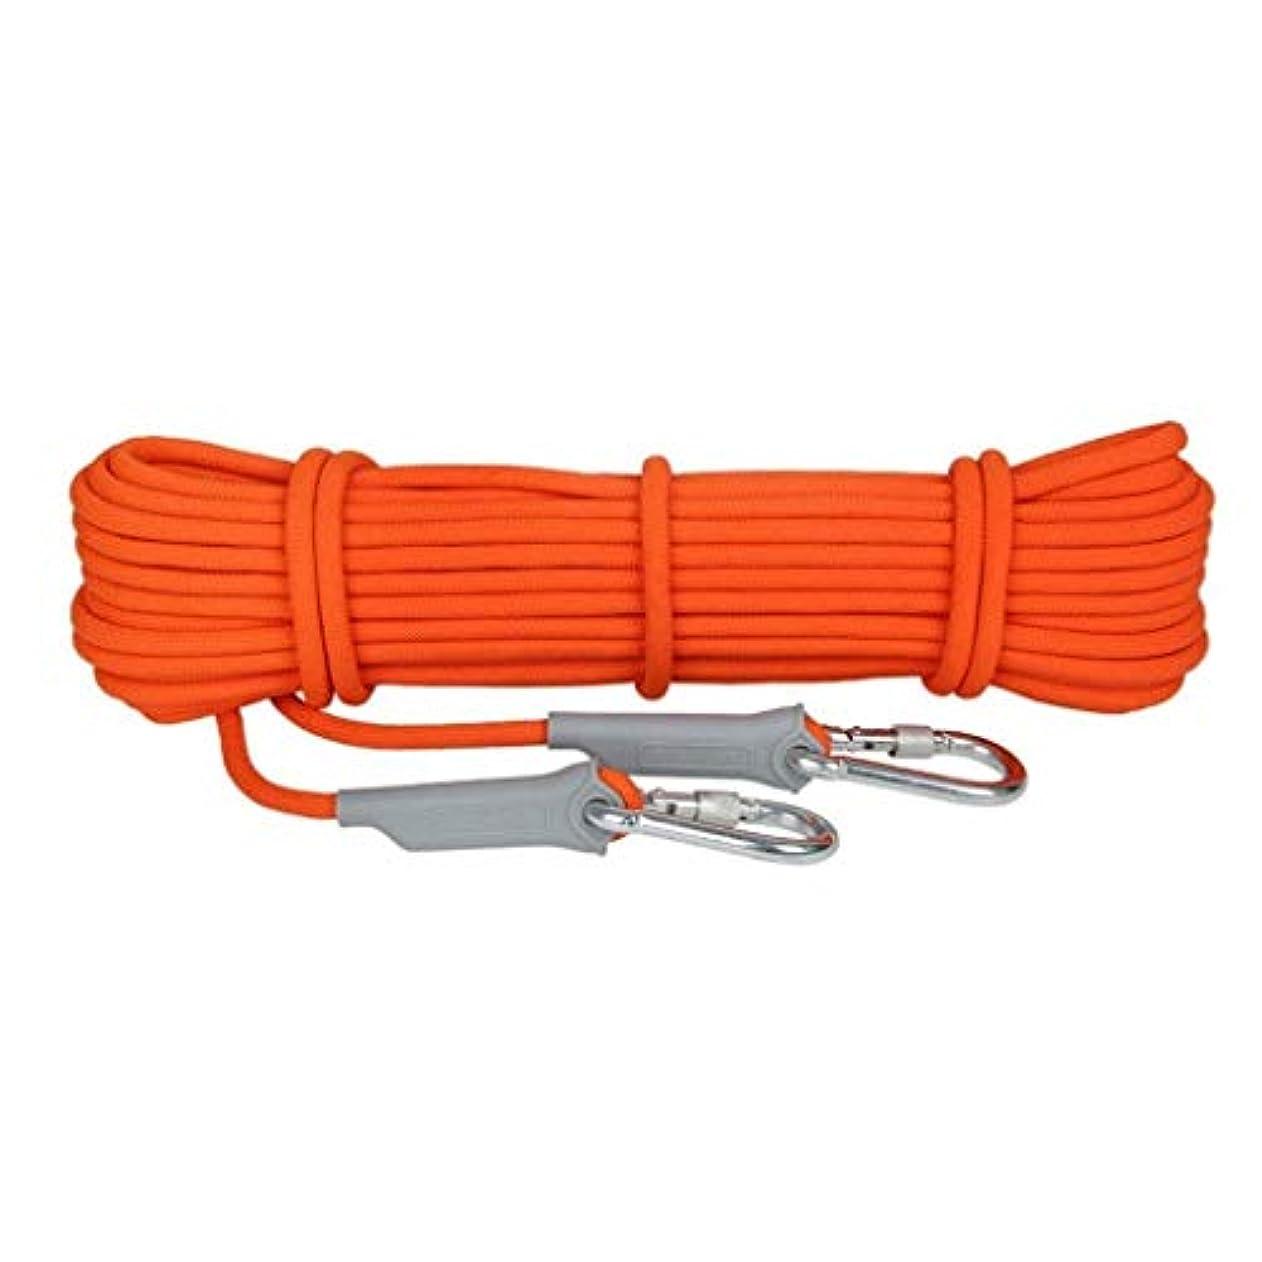 速報学んだ水族館登山ロープの家の火の緊急脱出ロープ、ハイキングの洞窟探検のキャンプの救助調査および工学保護のための多機能のコードの安全ロープ。 (Color : 8.5mm, Size : 15m)